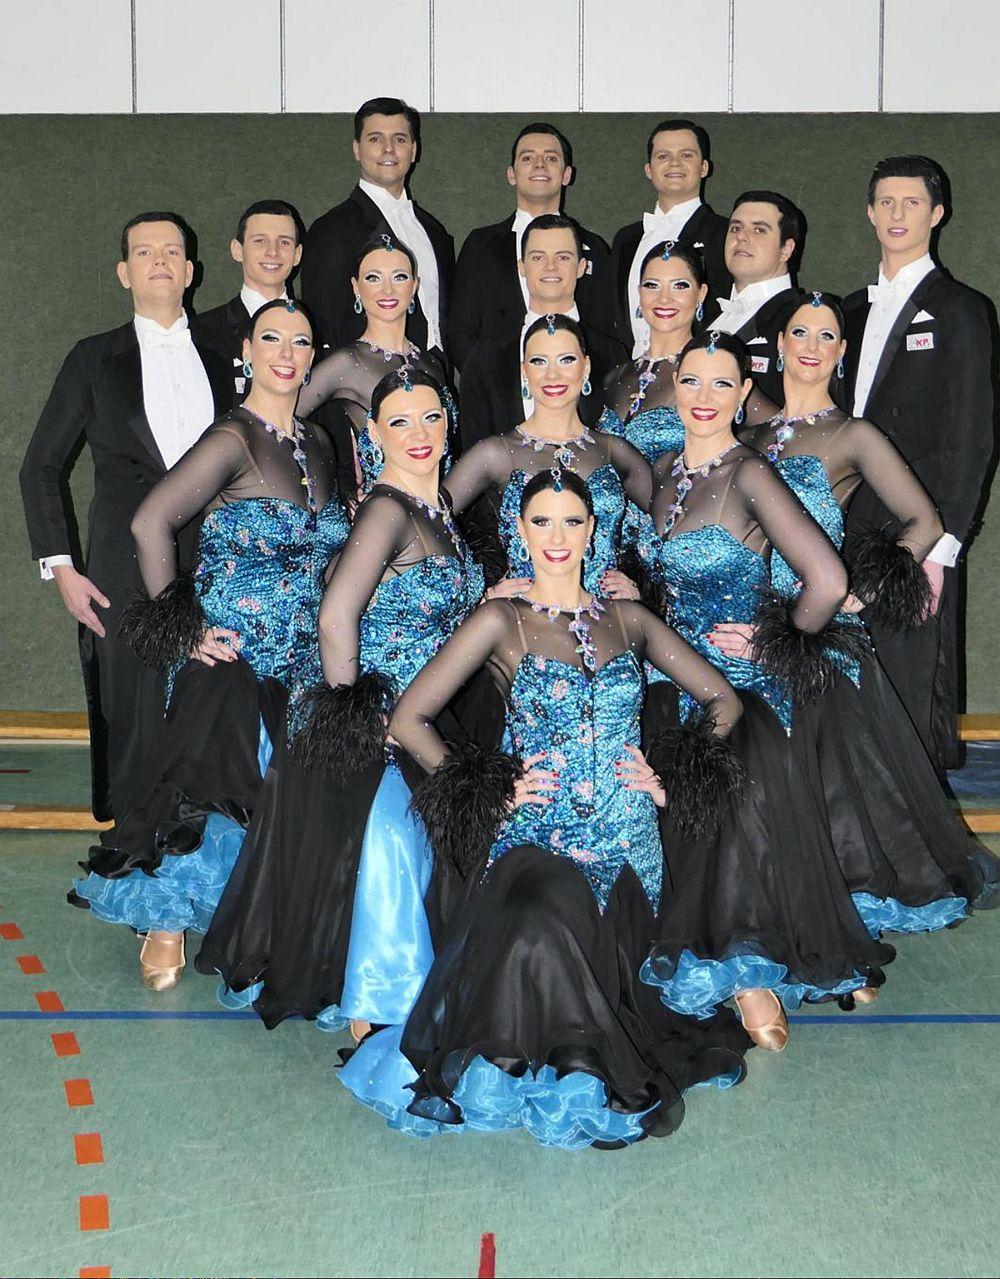 Tanzen im Team - Die Club Saltatio Standardformationen suchen dich!